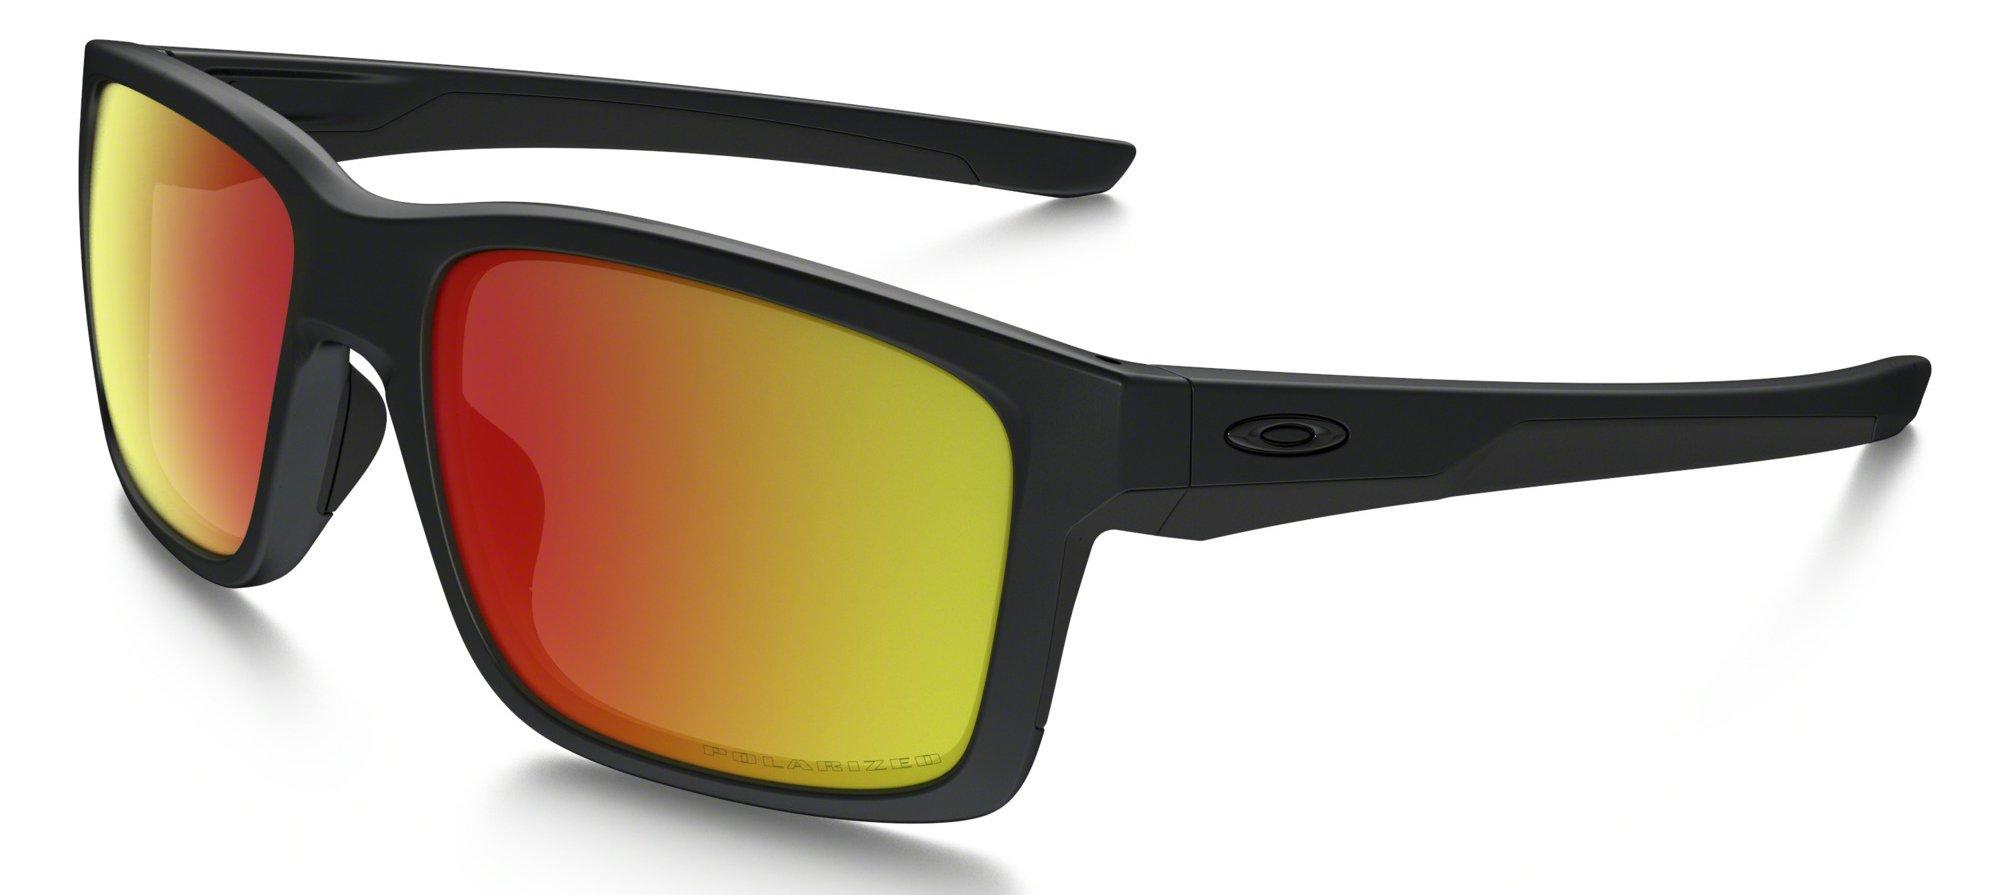 Sluneční brýle Oakley OAKLEY Mainlink Matte Black w/ Ruby Irid Polar